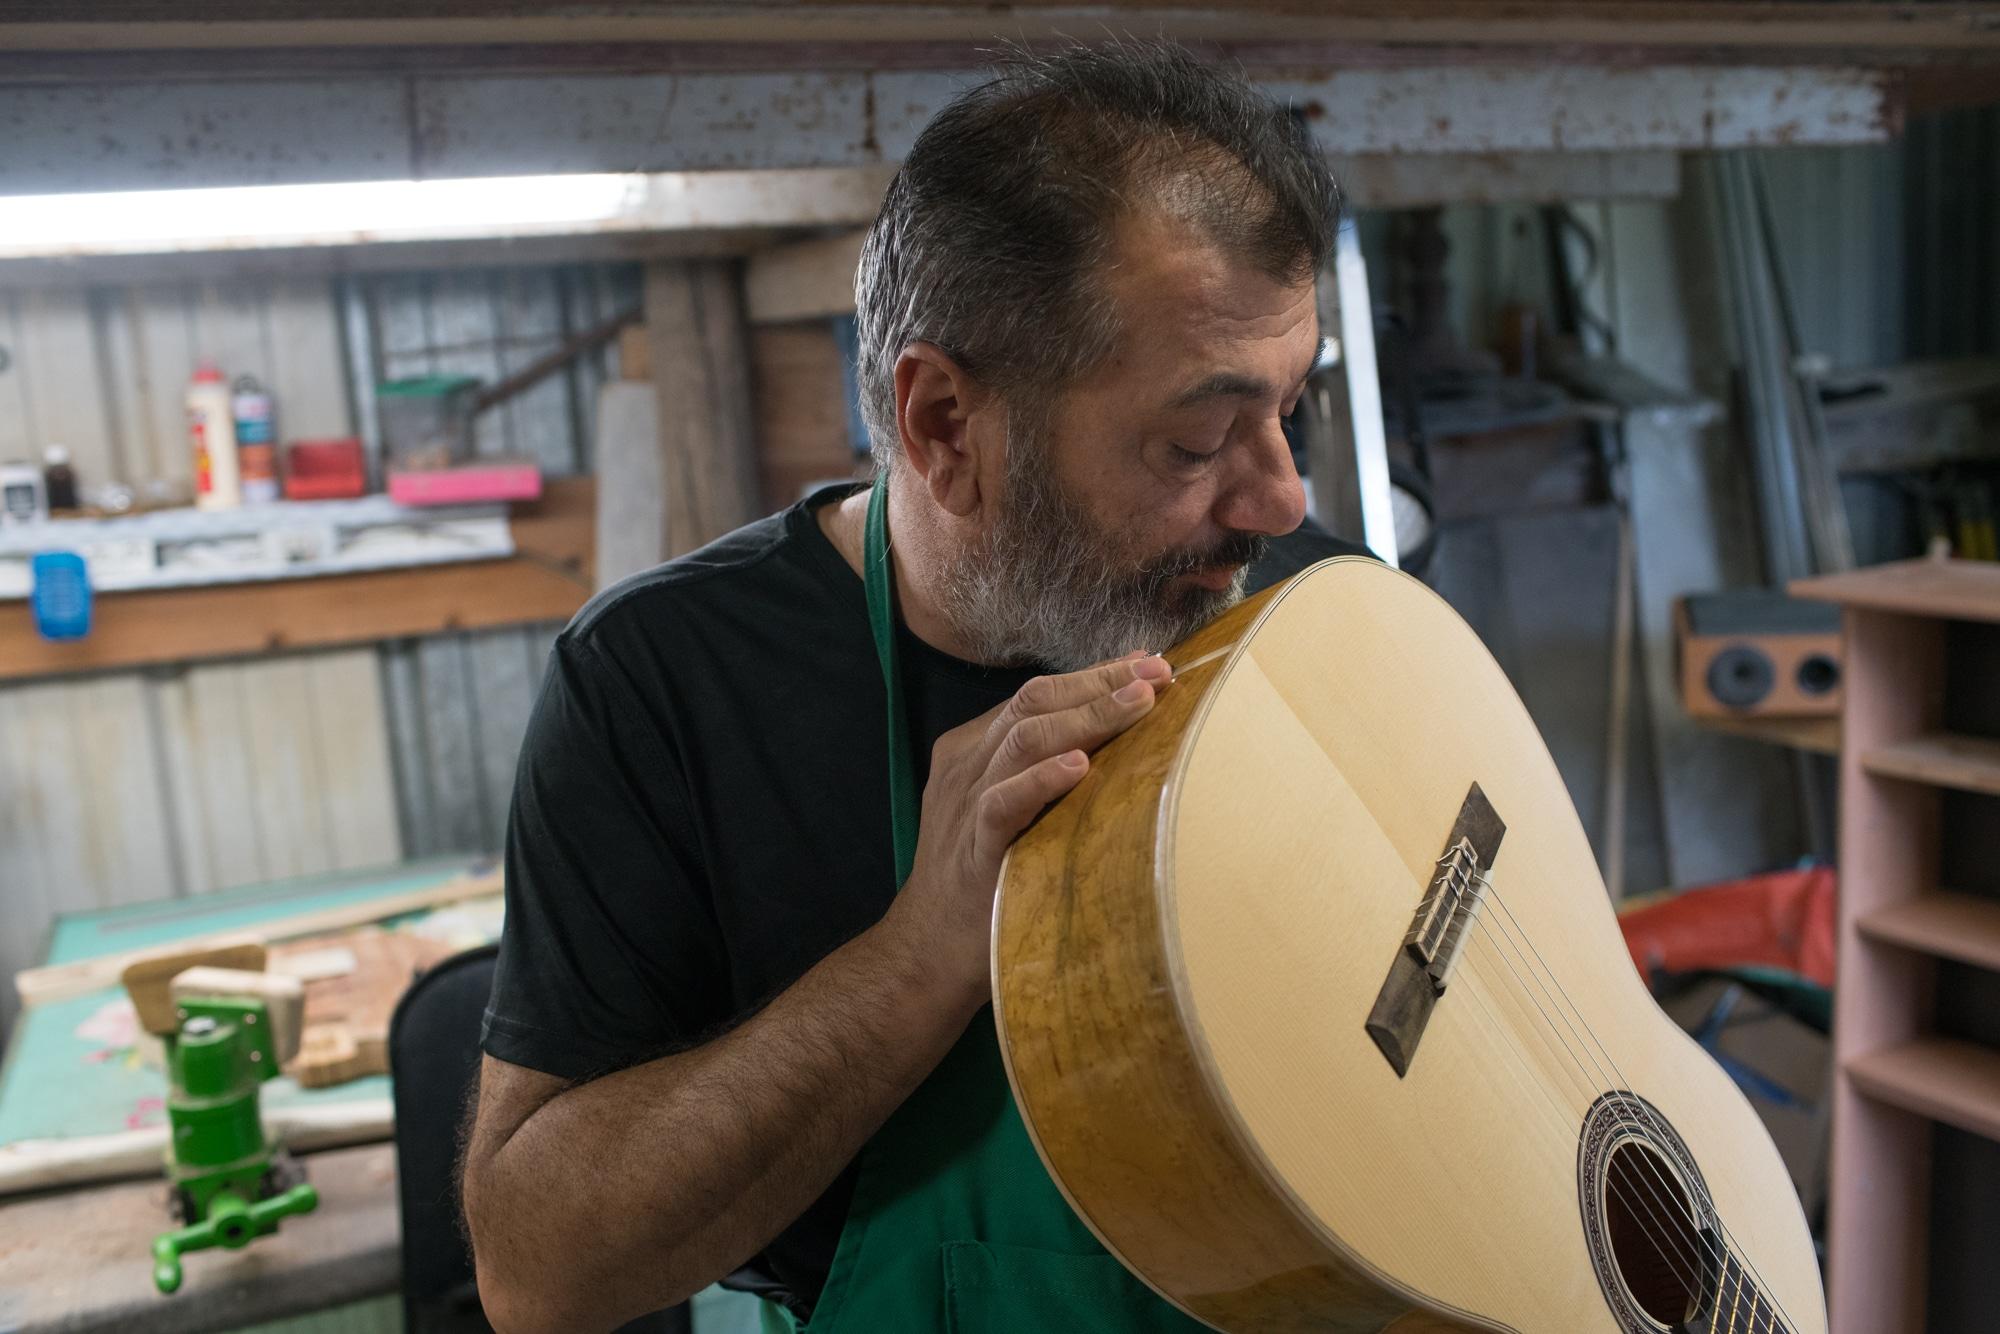 Pierre vérifie la courbure du manche en partant de la caisse de la guitare, dans son atelier.